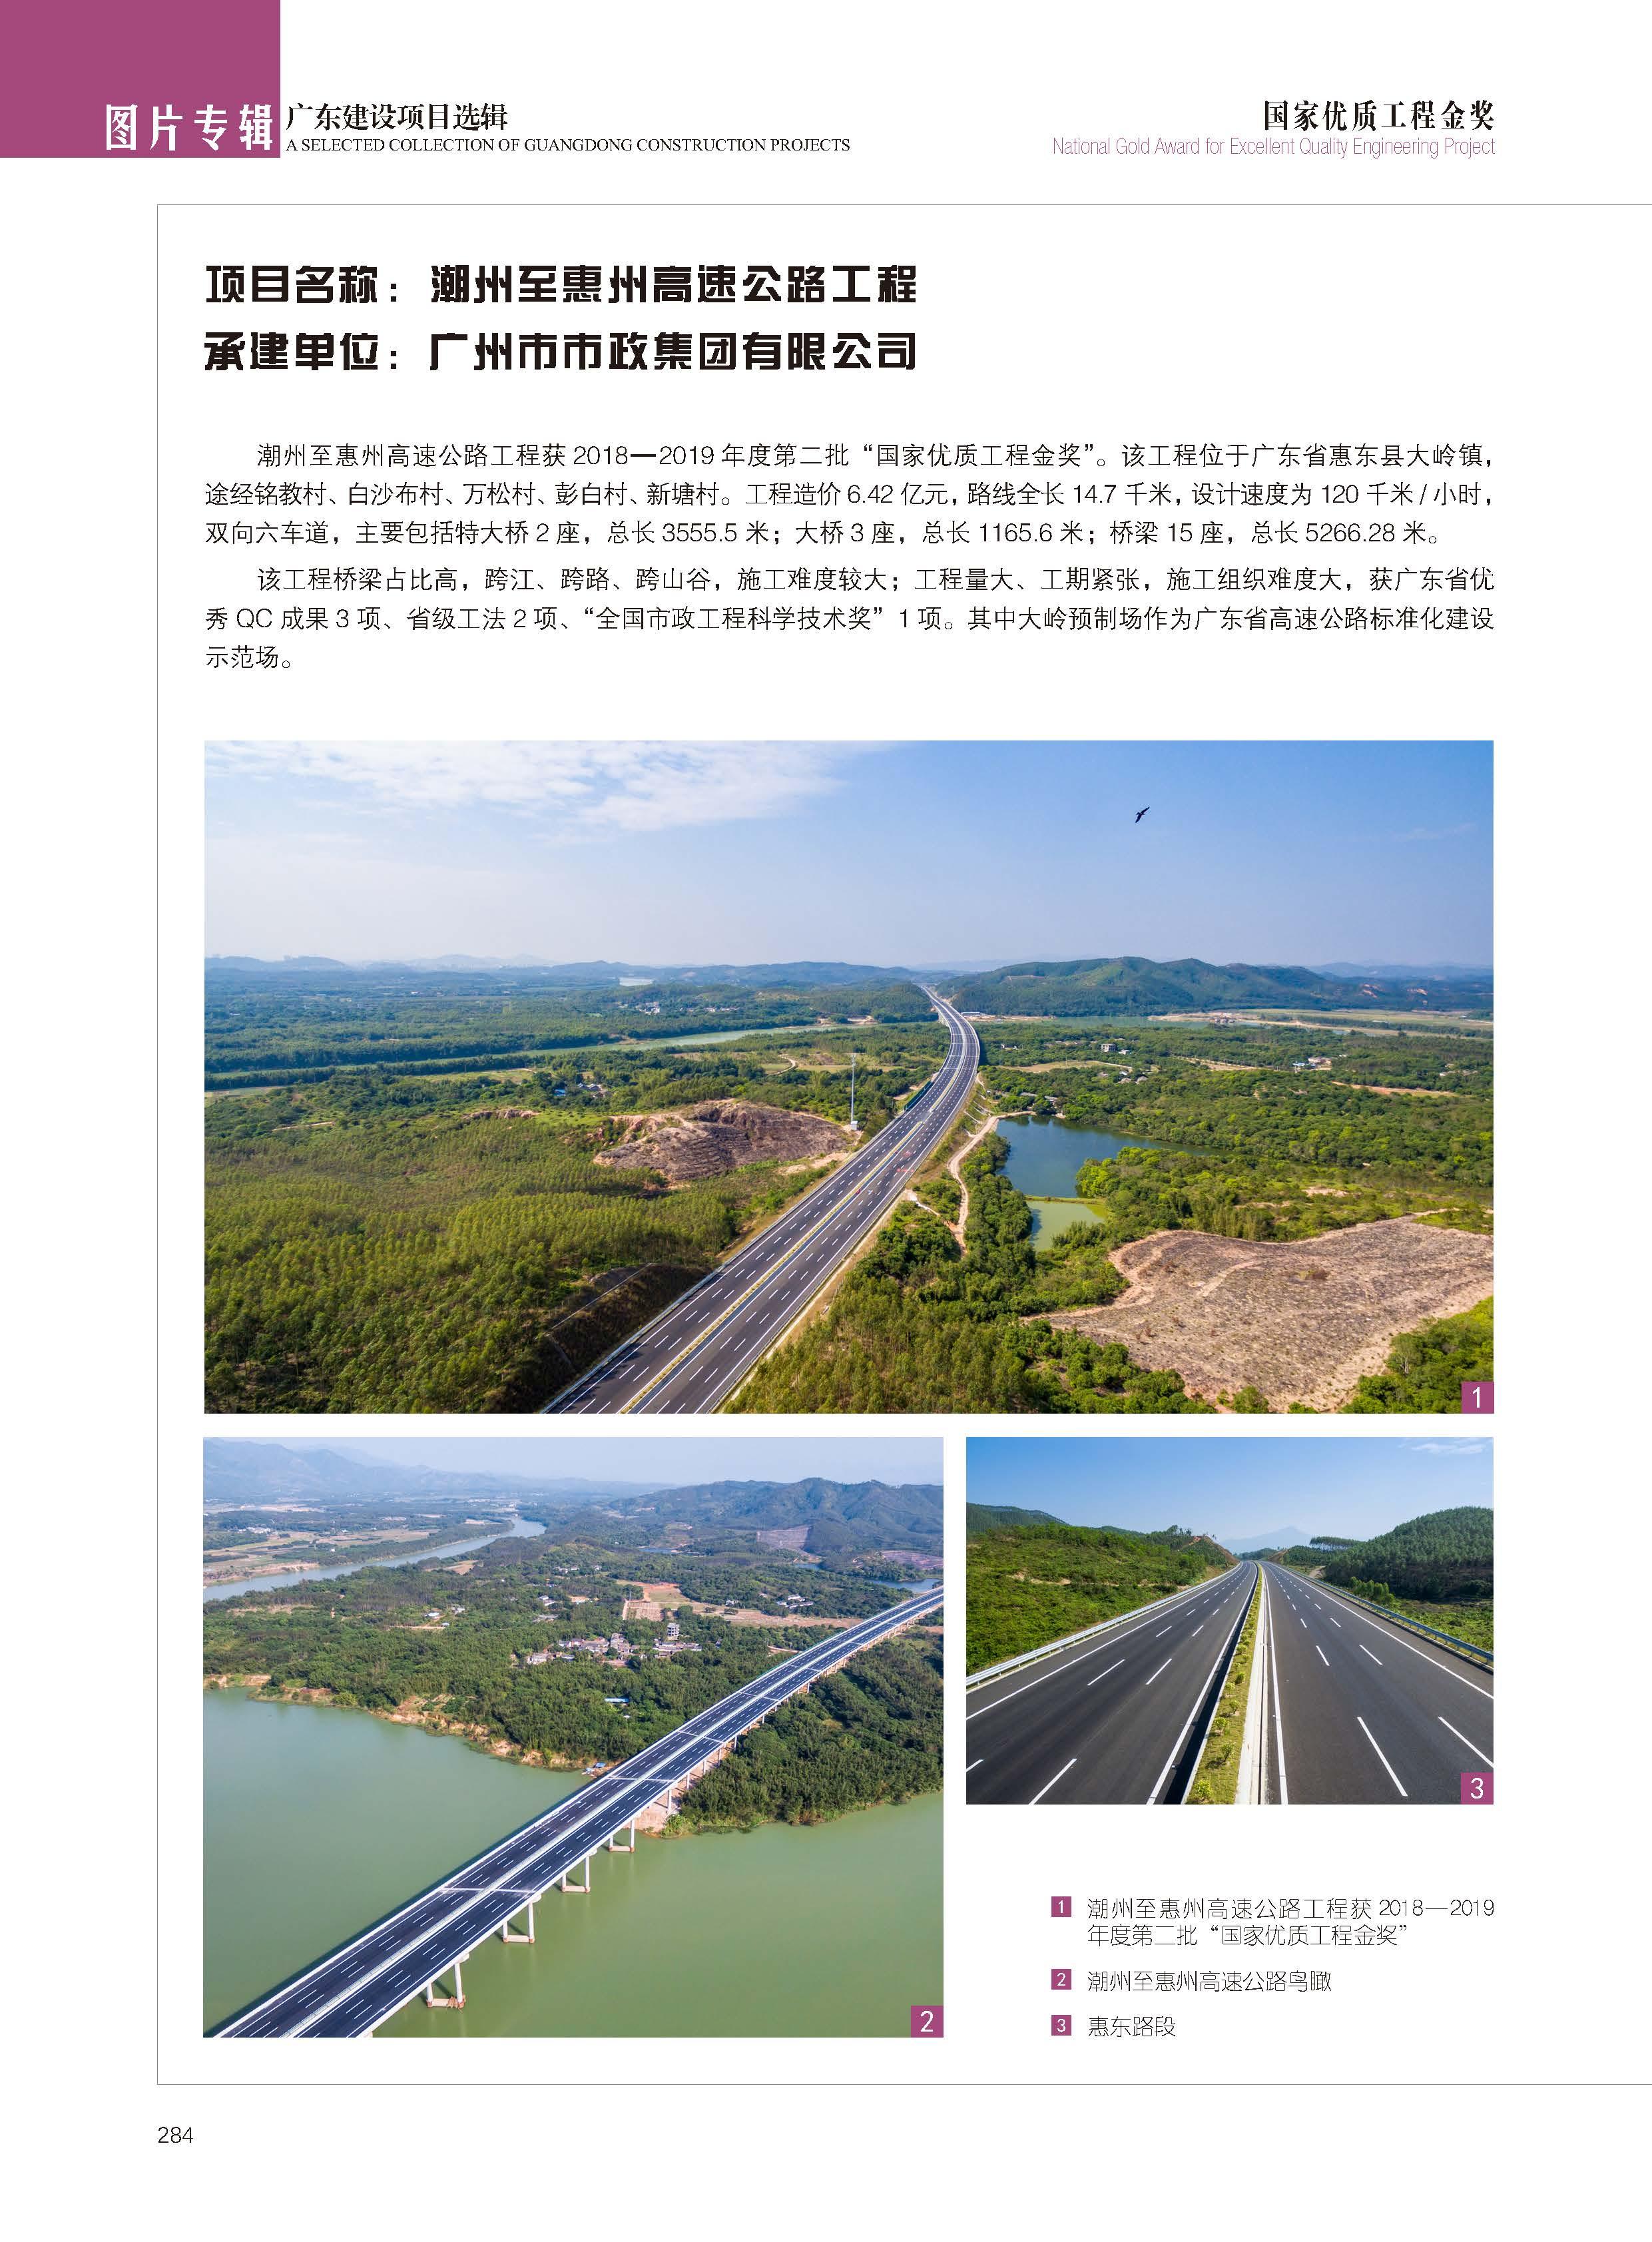 潮州至惠州高速公路工程.jpg